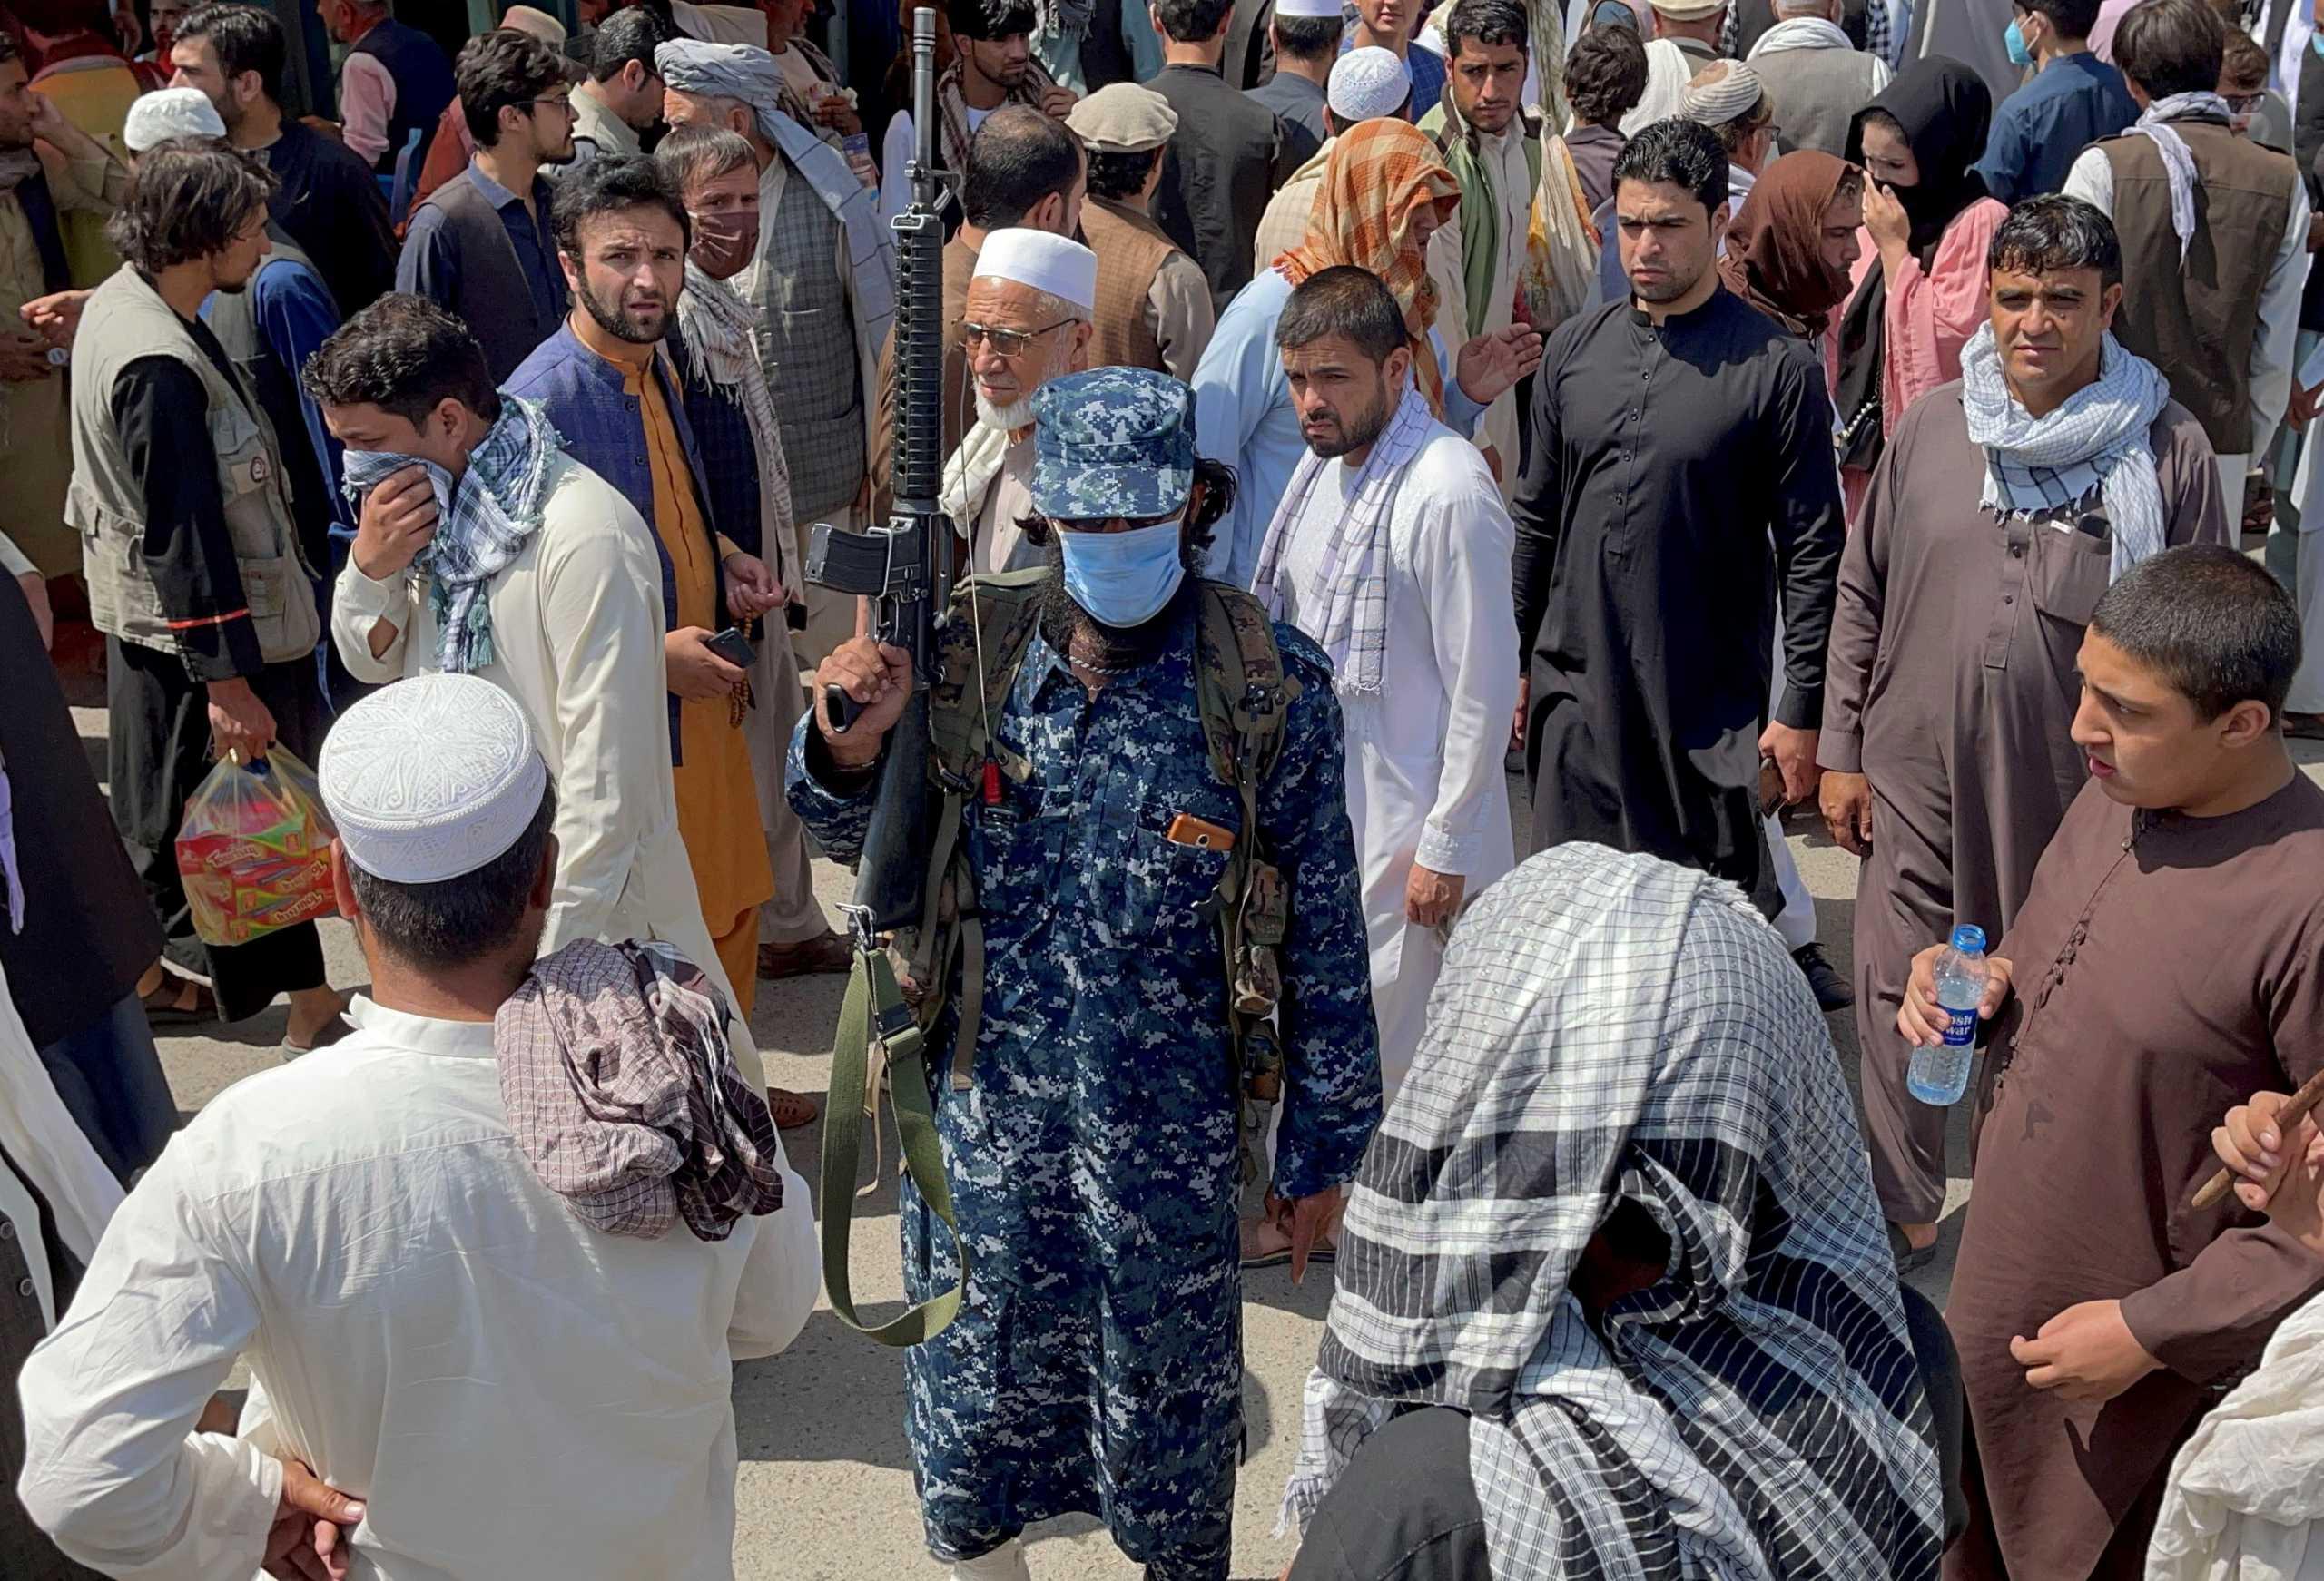 Αφγανιστάν: Οι Ταλιμπάν εκτέλεσαν τον αδερφό του αντιπροέδρου Σάλεχ